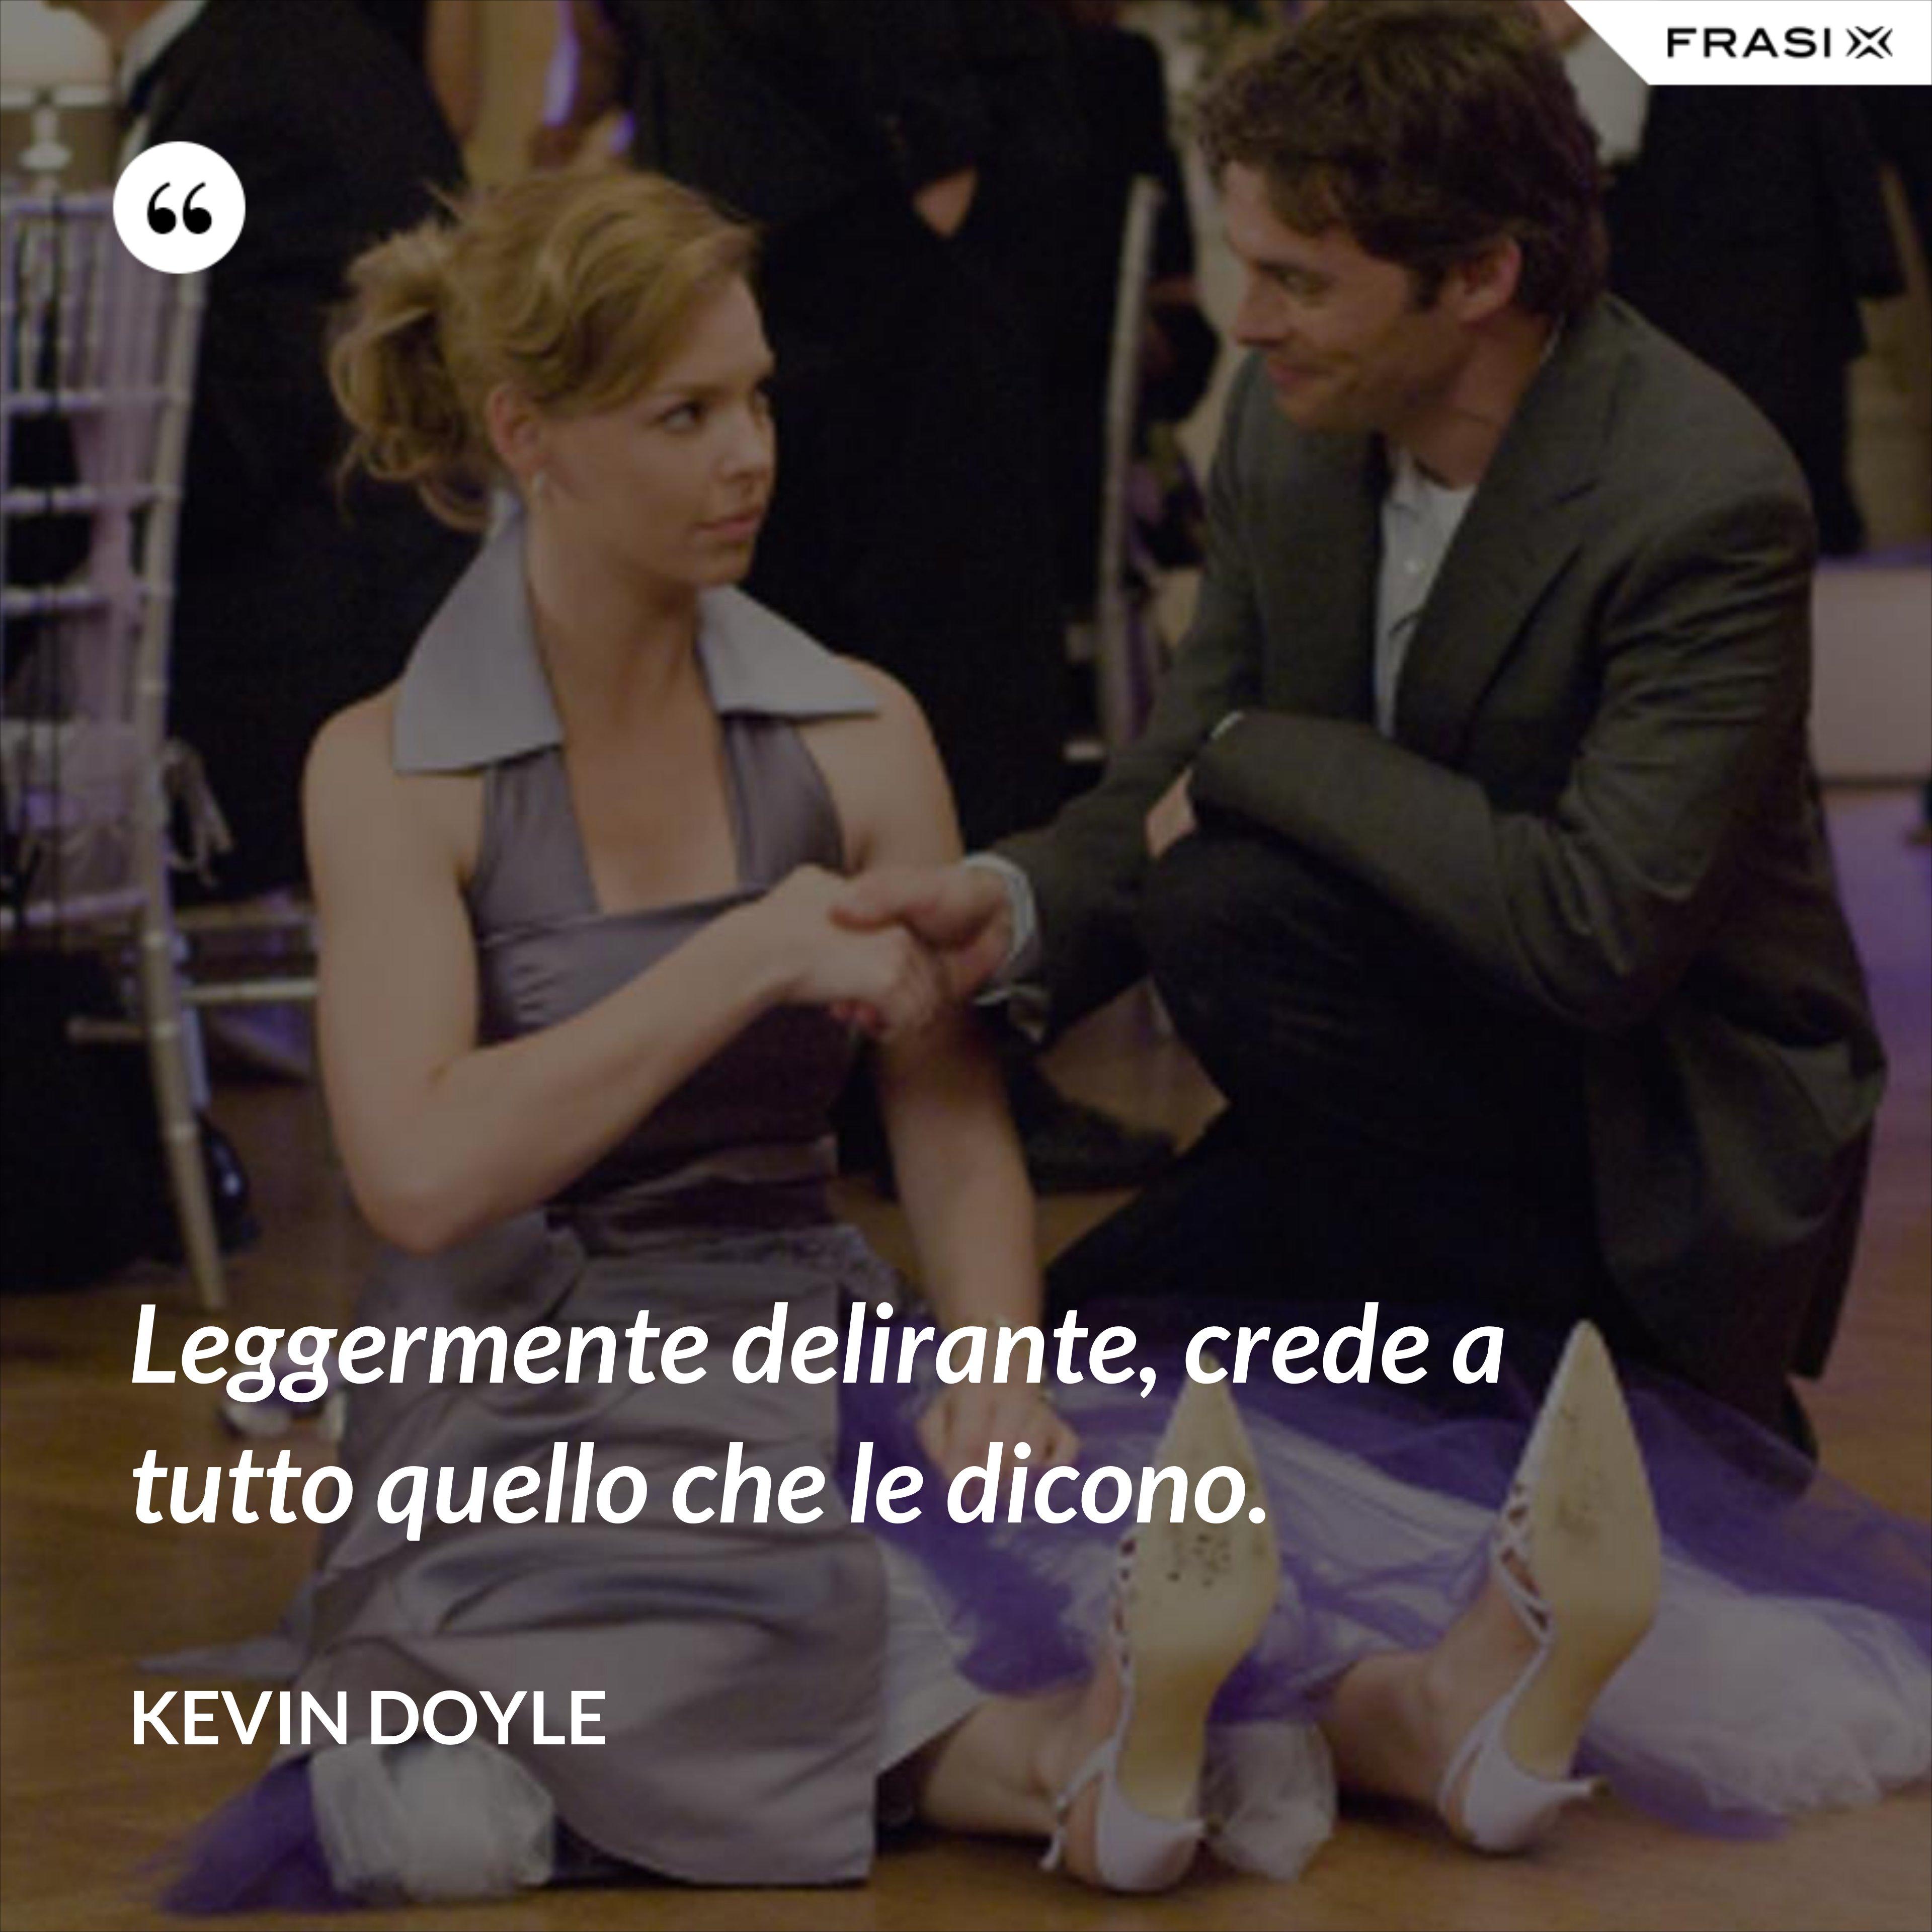 Leggermente delirante, crede a tutto quello che le dicono. - Kevin Doyle